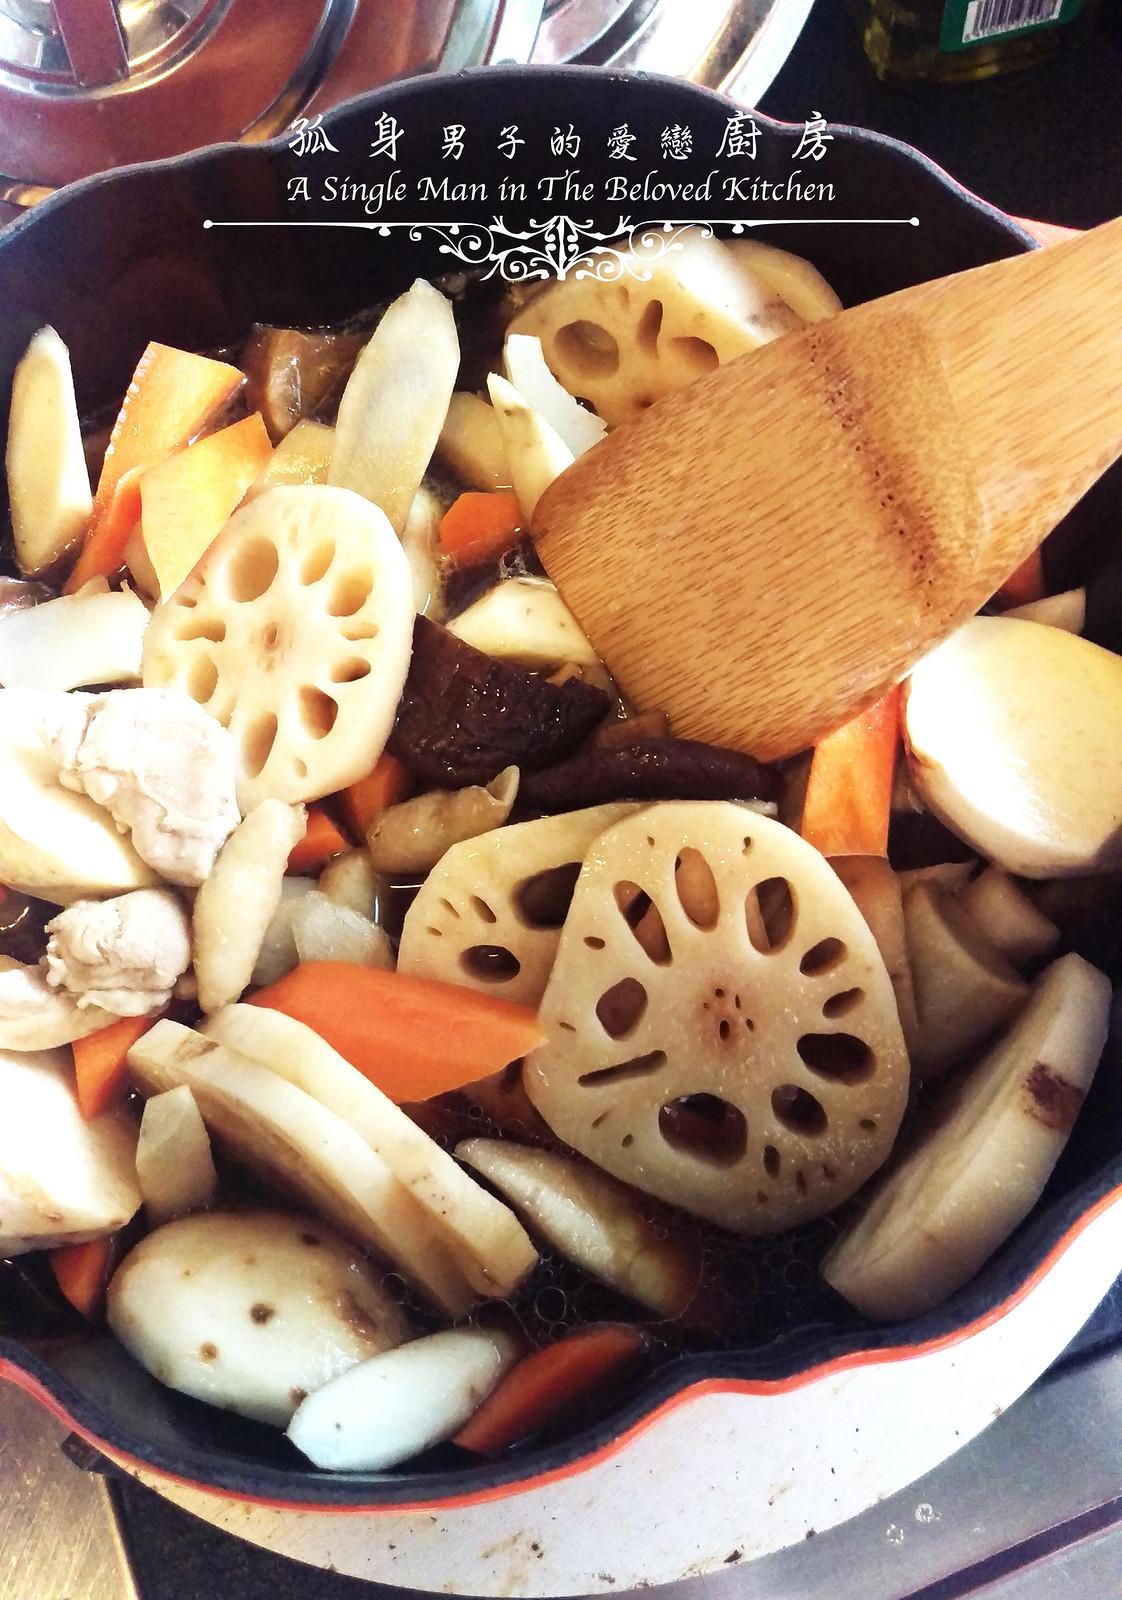 孤身廚房-食譜書《常備菜》試作——筑前煮、醬煮金針菇。甜滋滋溫暖和風味9